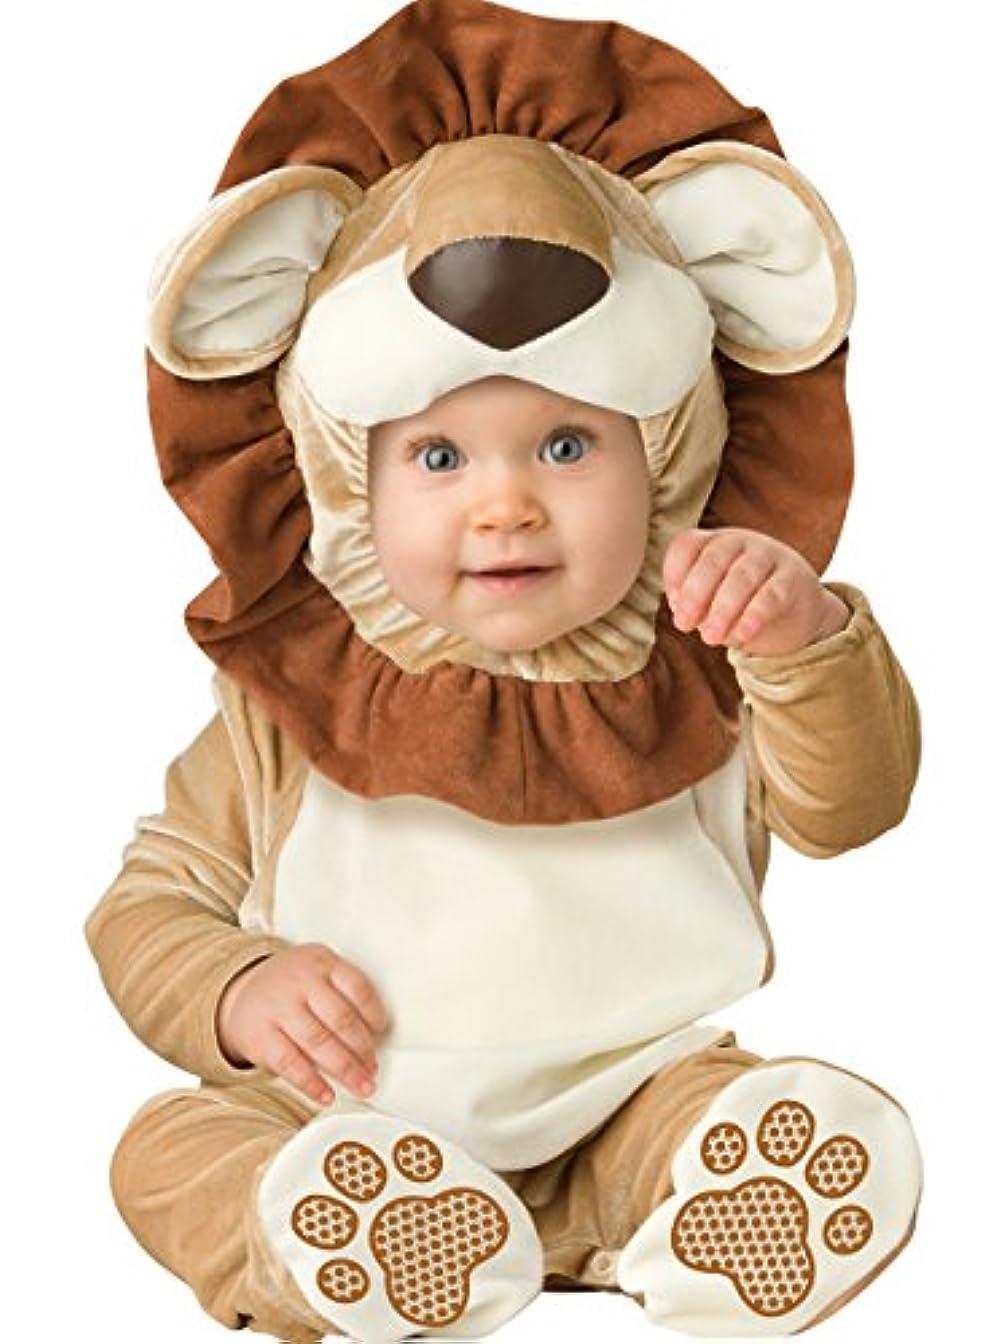 刃課税米国Lovable Lion Infant/Toddler Costume かわいいライオンの赤ちゃん/幼児コスチューム サイズ:18 Months/2T